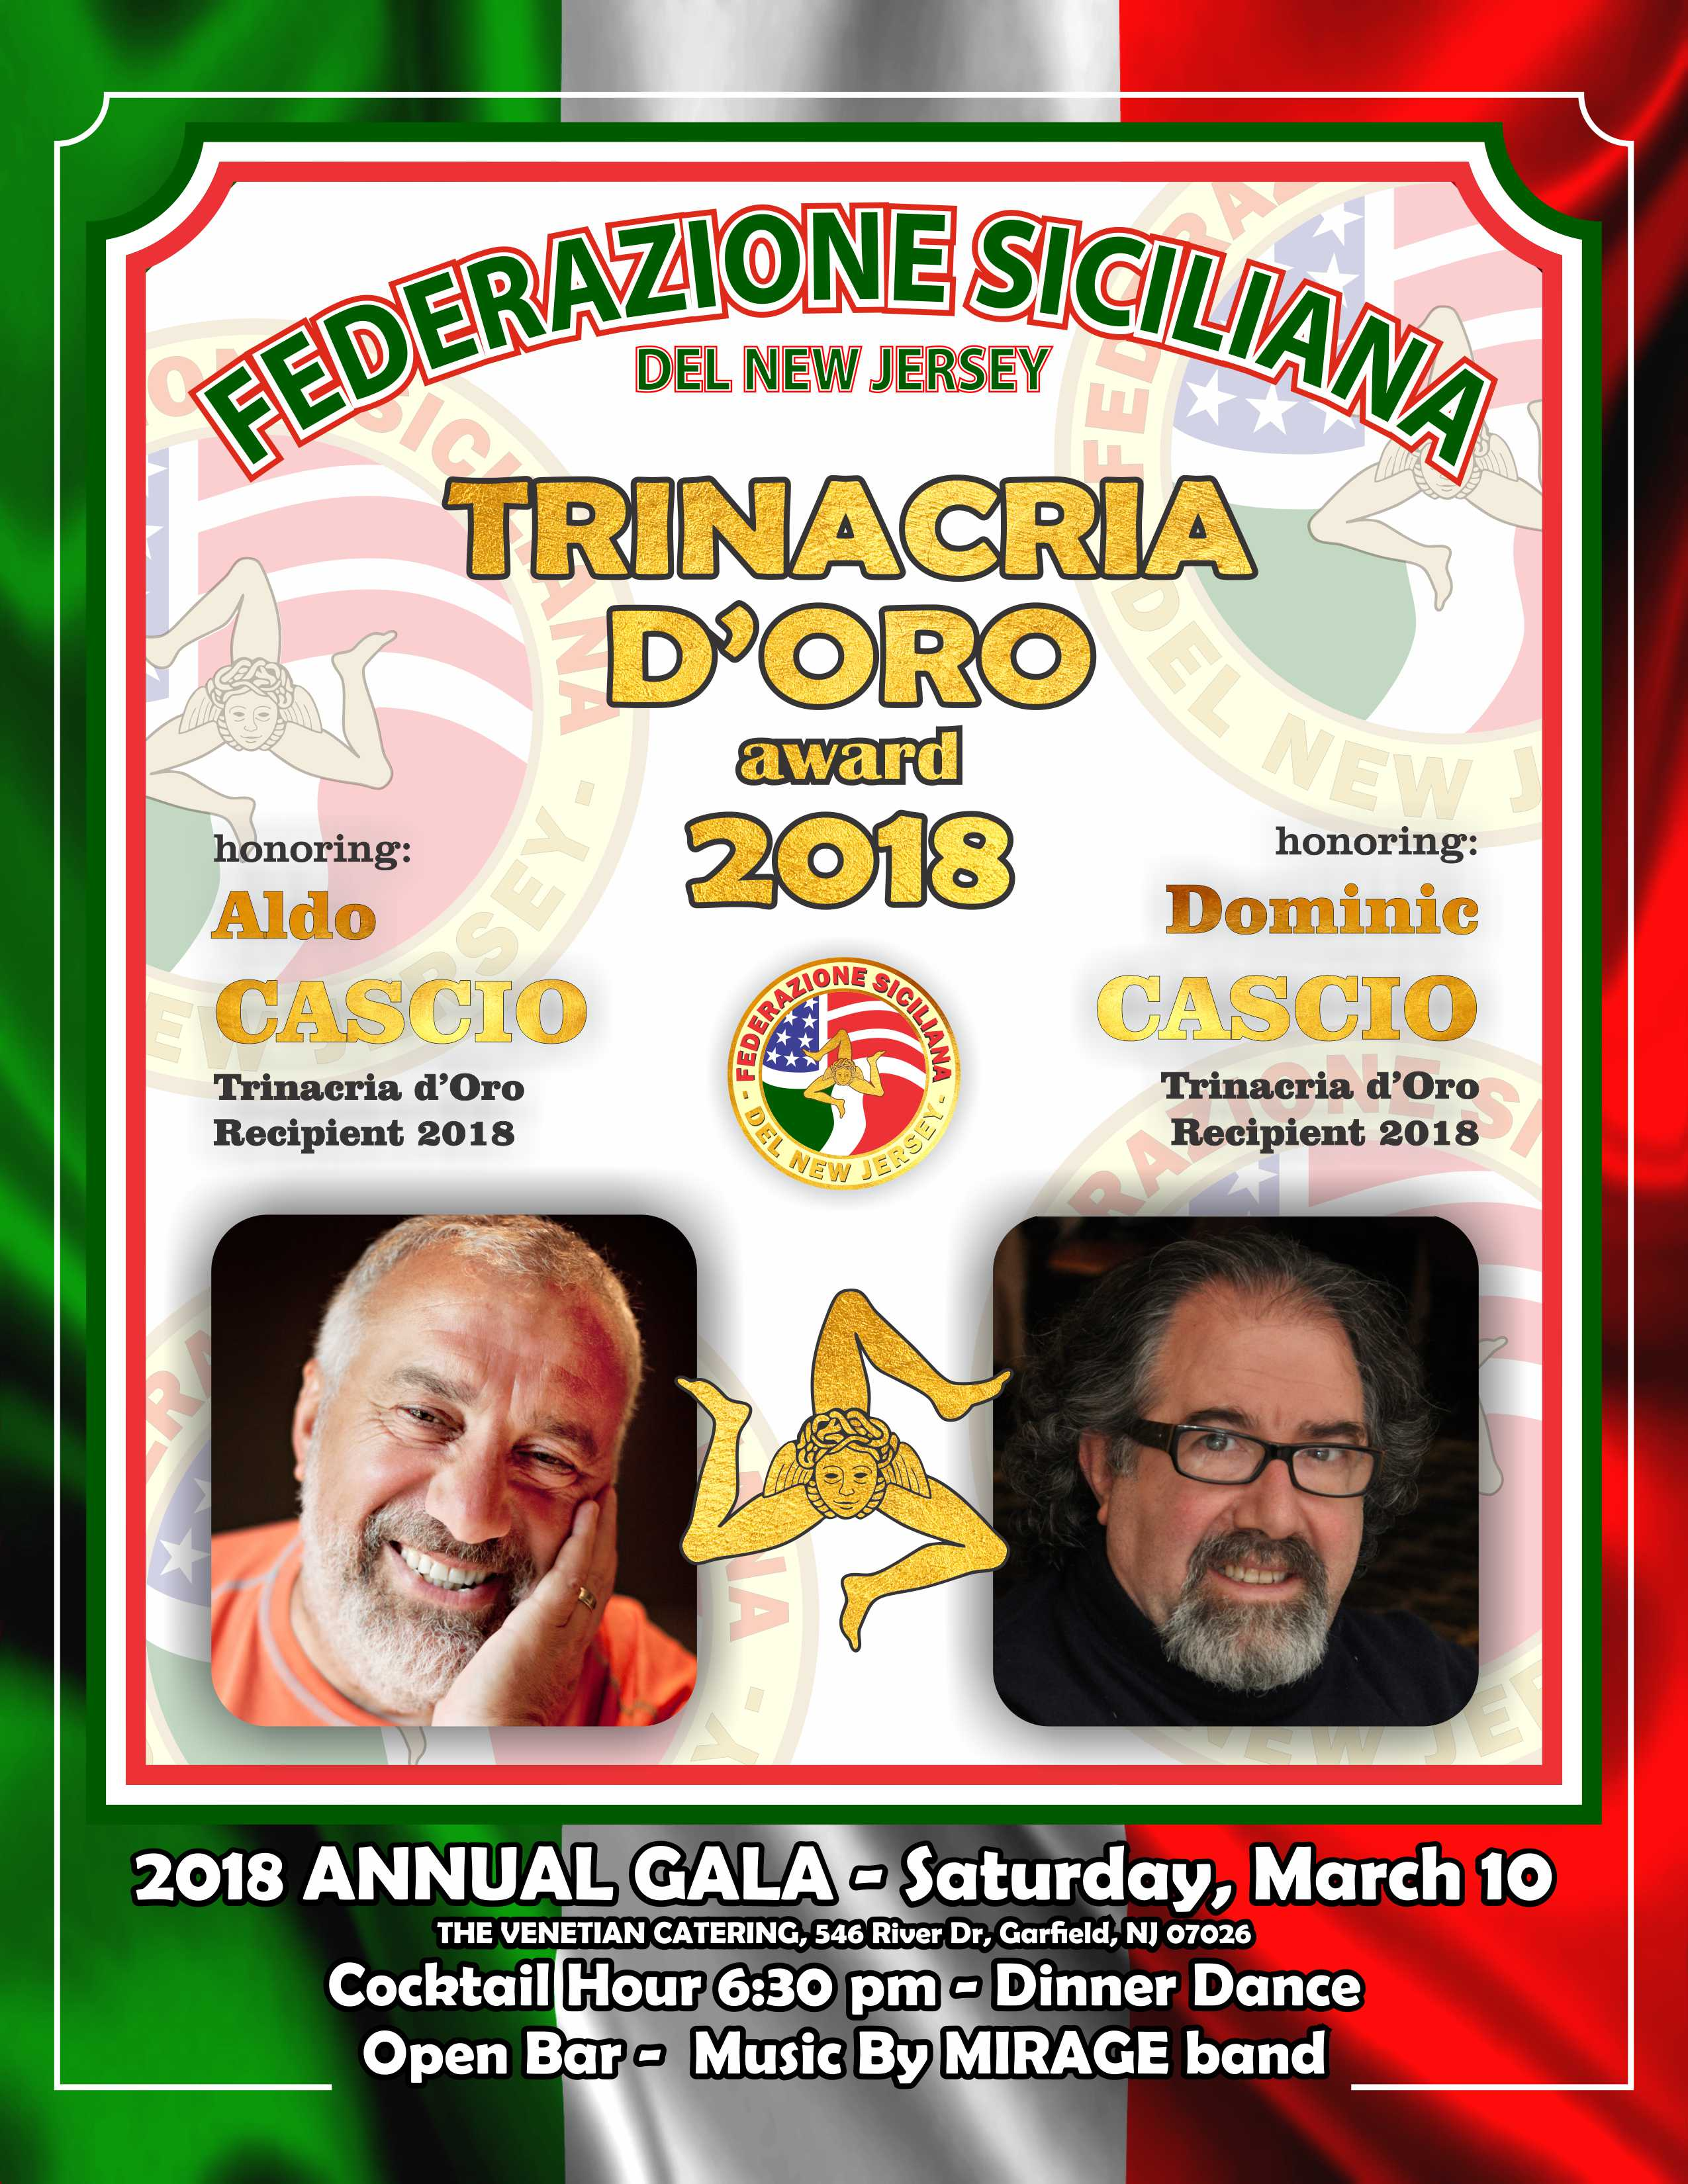 La Federazione Siciliana del New Jersey premia due madoniti DOC